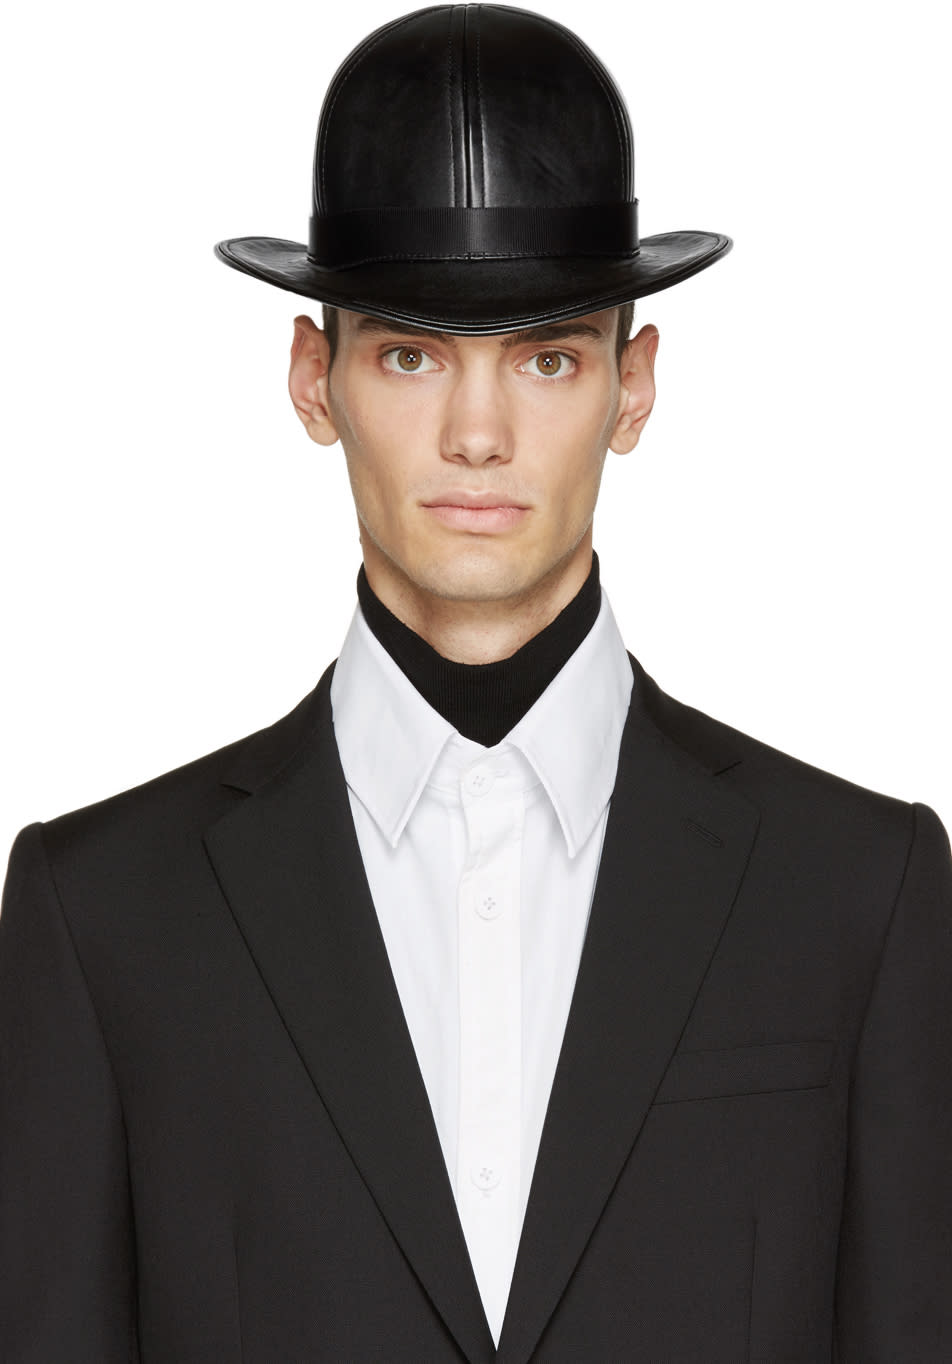 Ktz Black Faux-leather Short Bowler Hat